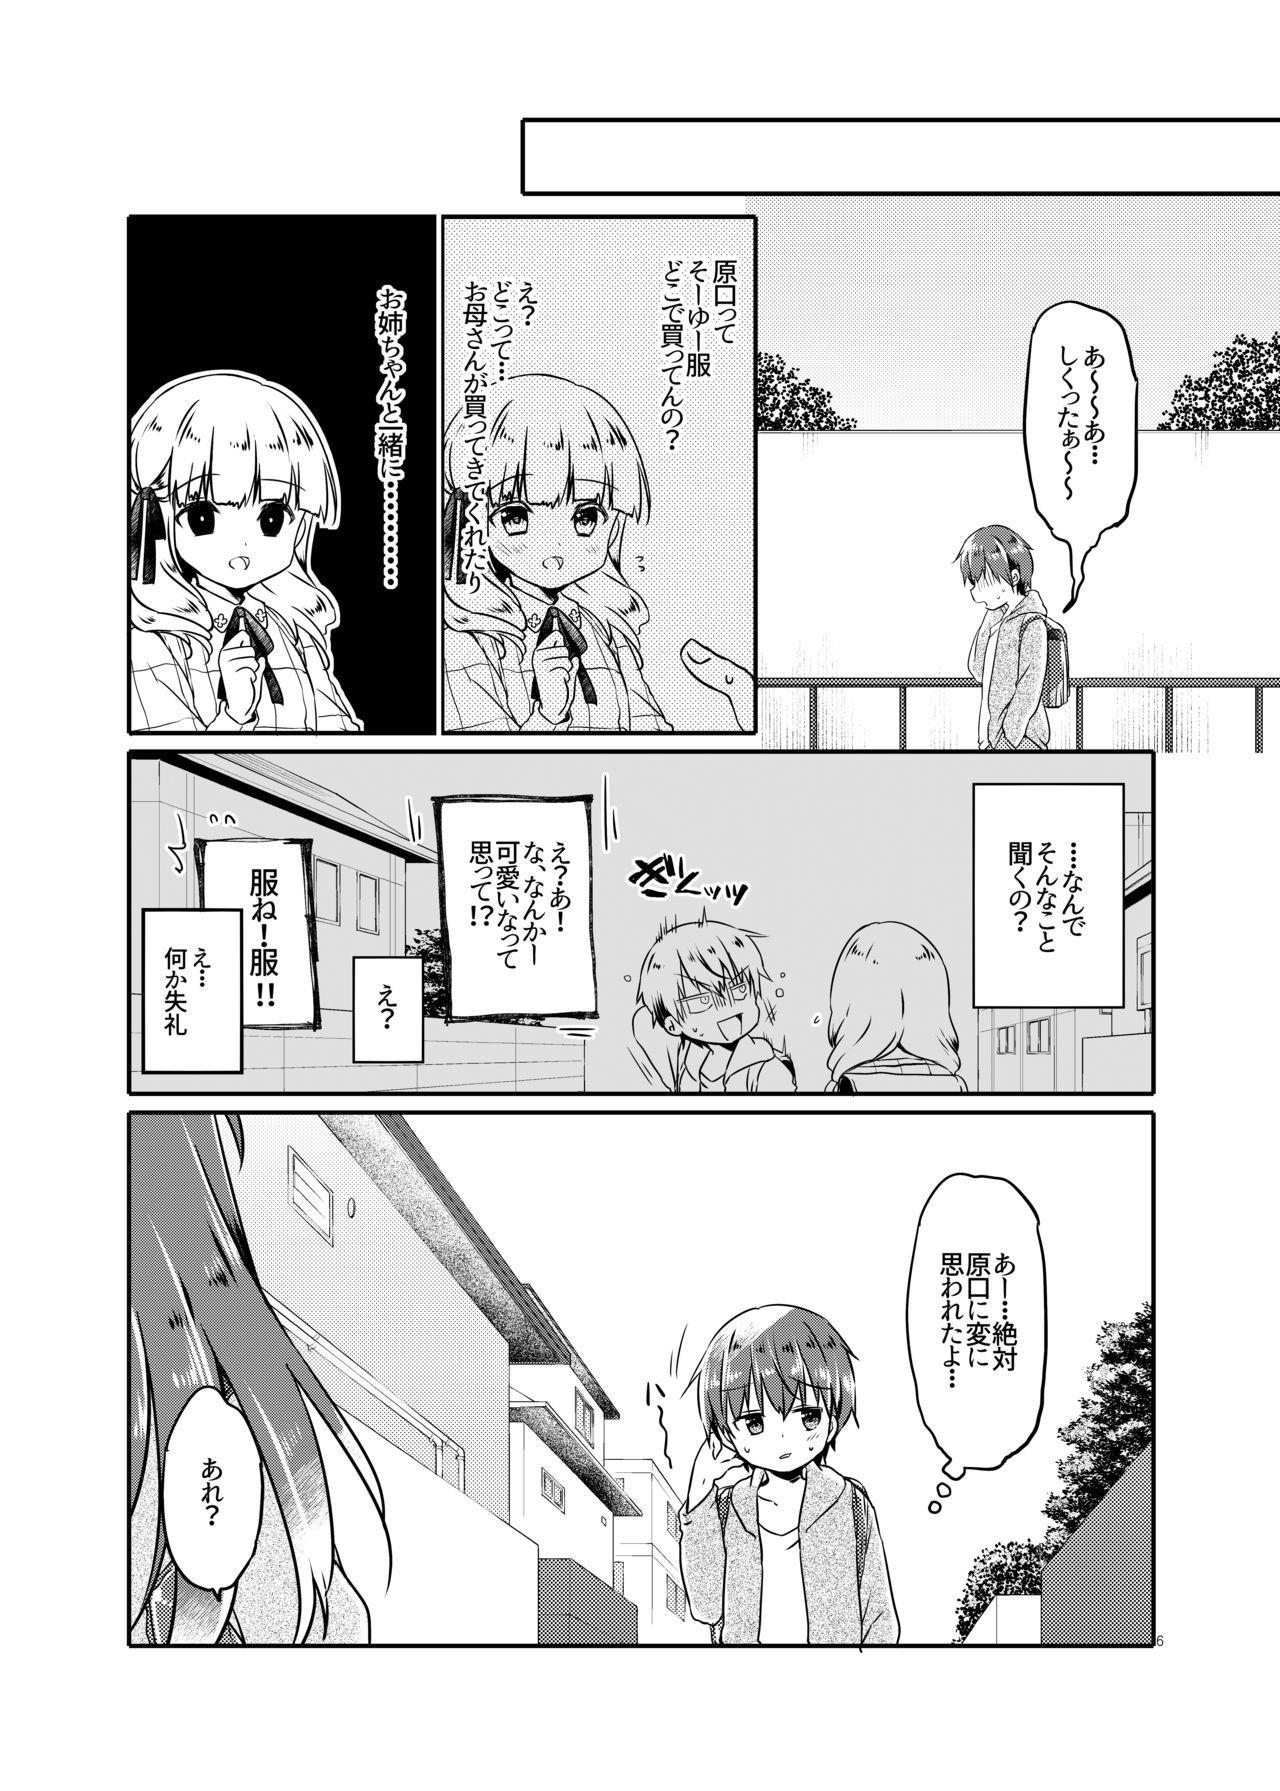 Totsugeki! Rinka no Josou Shounen 2 4